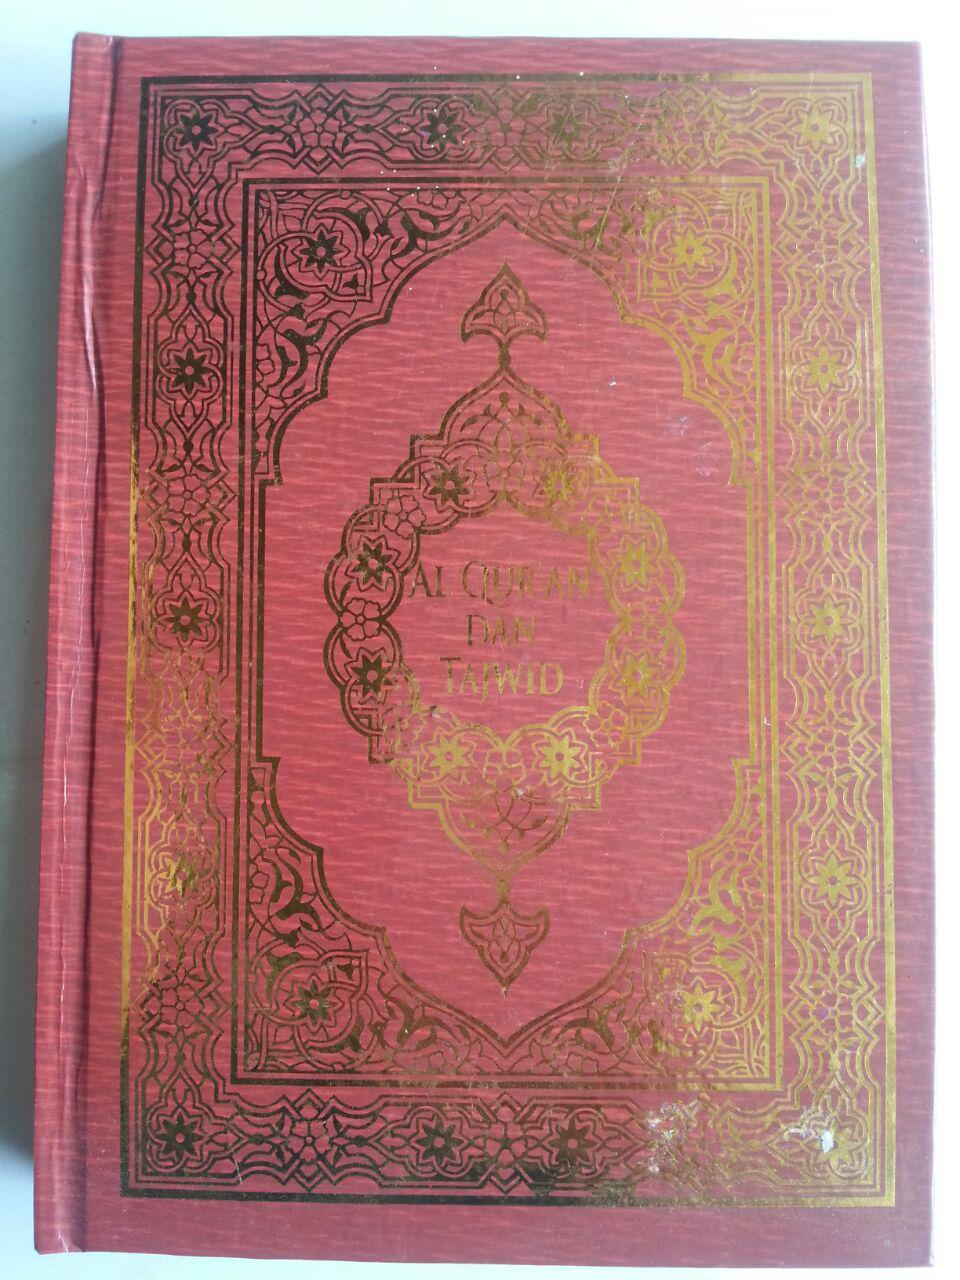 Al-Qur'an Dan Tajwid Lokal Ukuran A5 Tanpa Terjemah cover 2